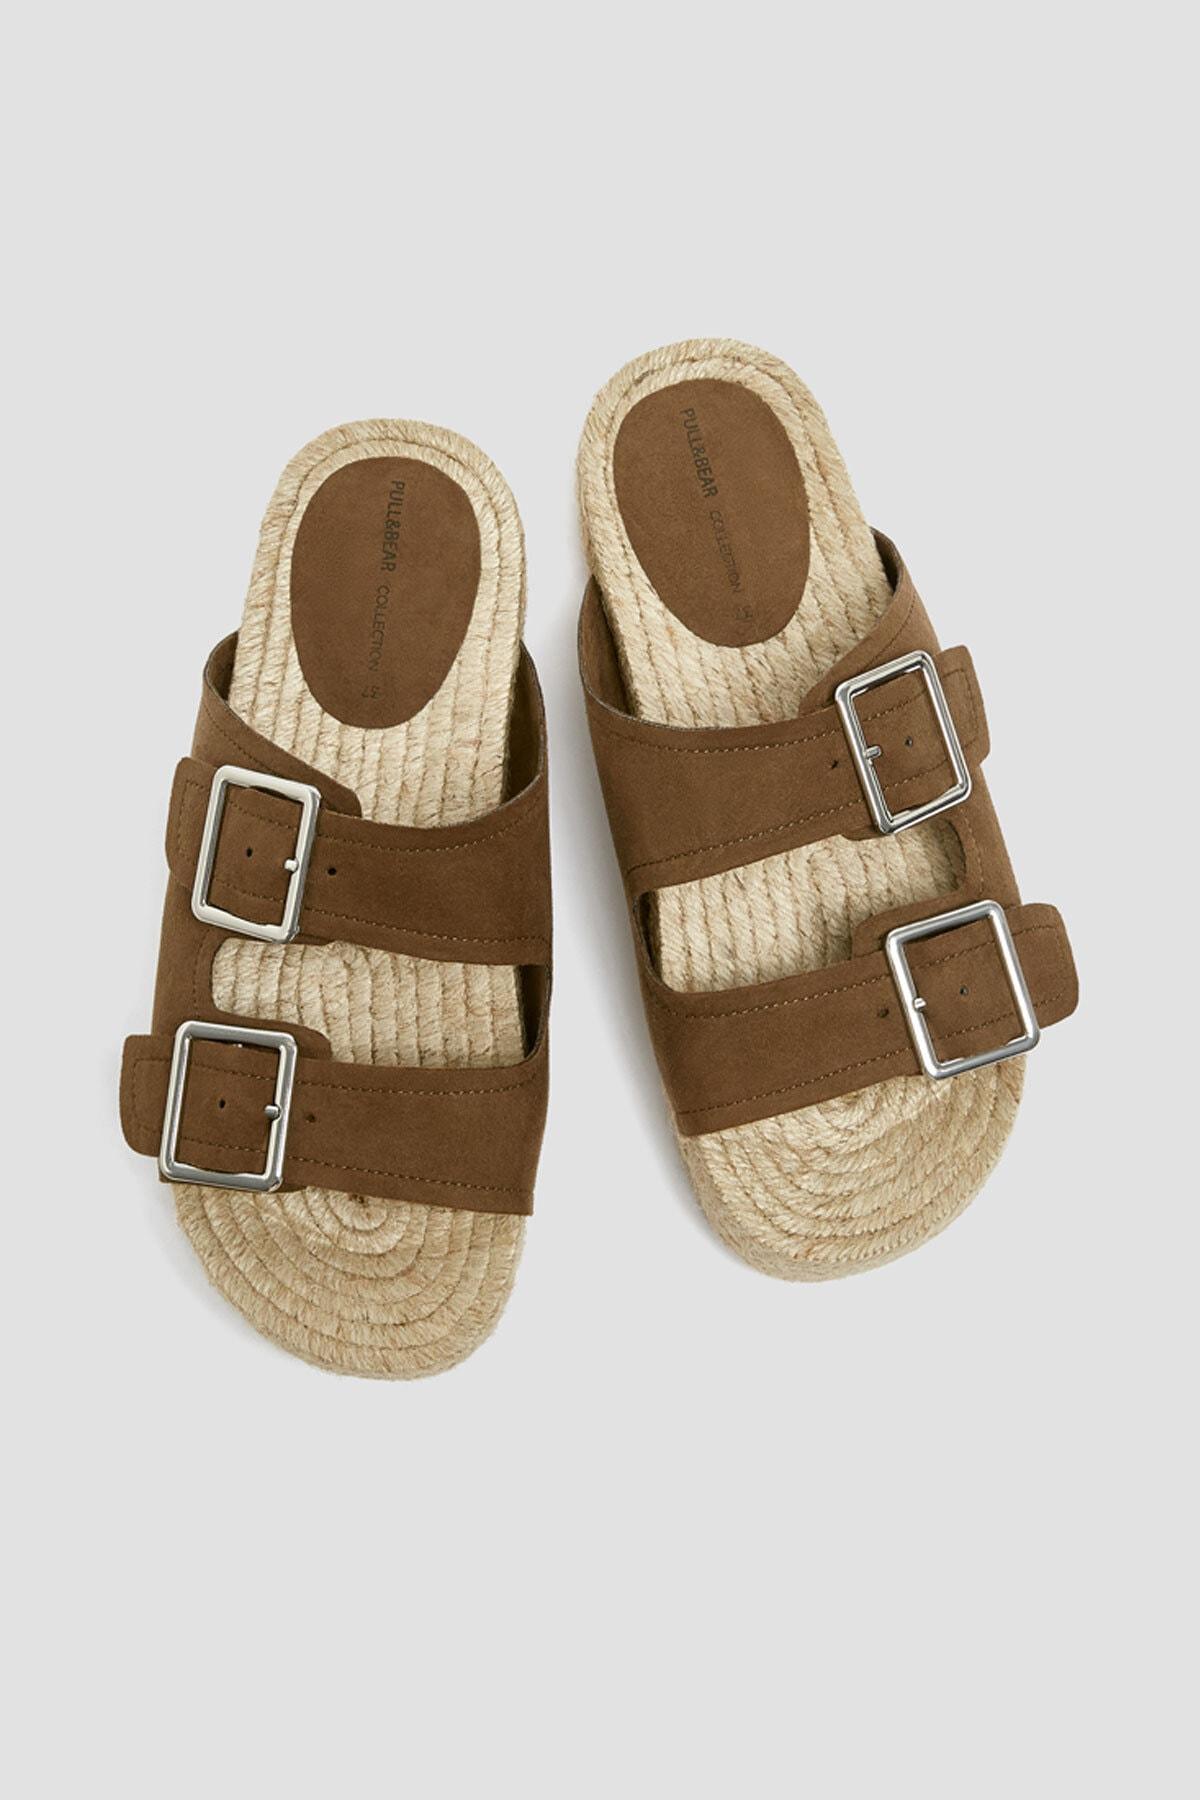 Pull & Bear Kadın Haki Tokalı Jüt Tabanlı Sandalet 11662540 2